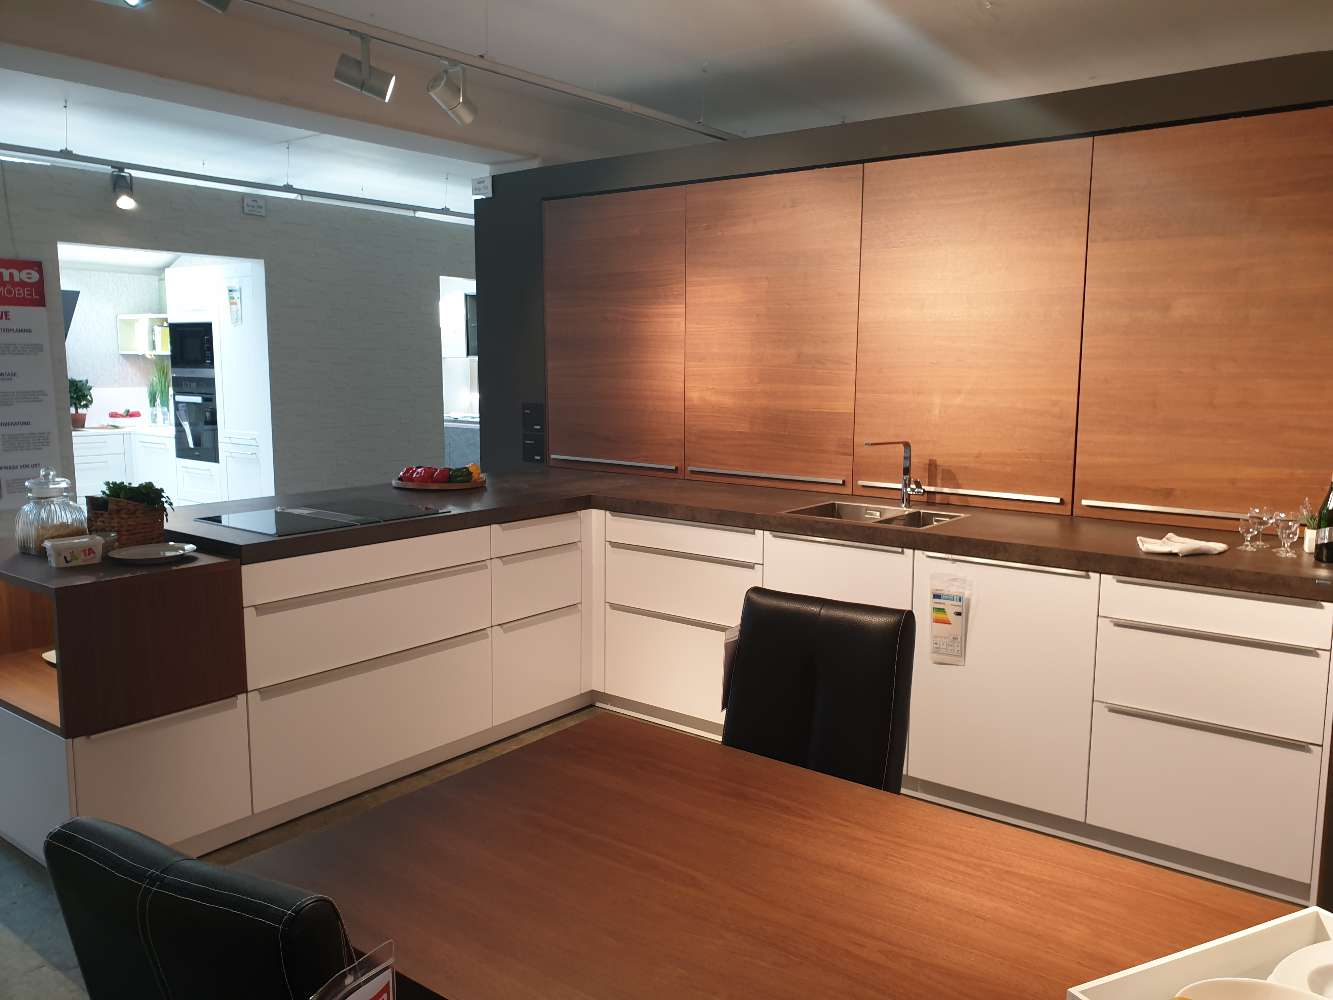 Leicht Classic FS/ Topos Edle Einbauküche mit Sitzlösung